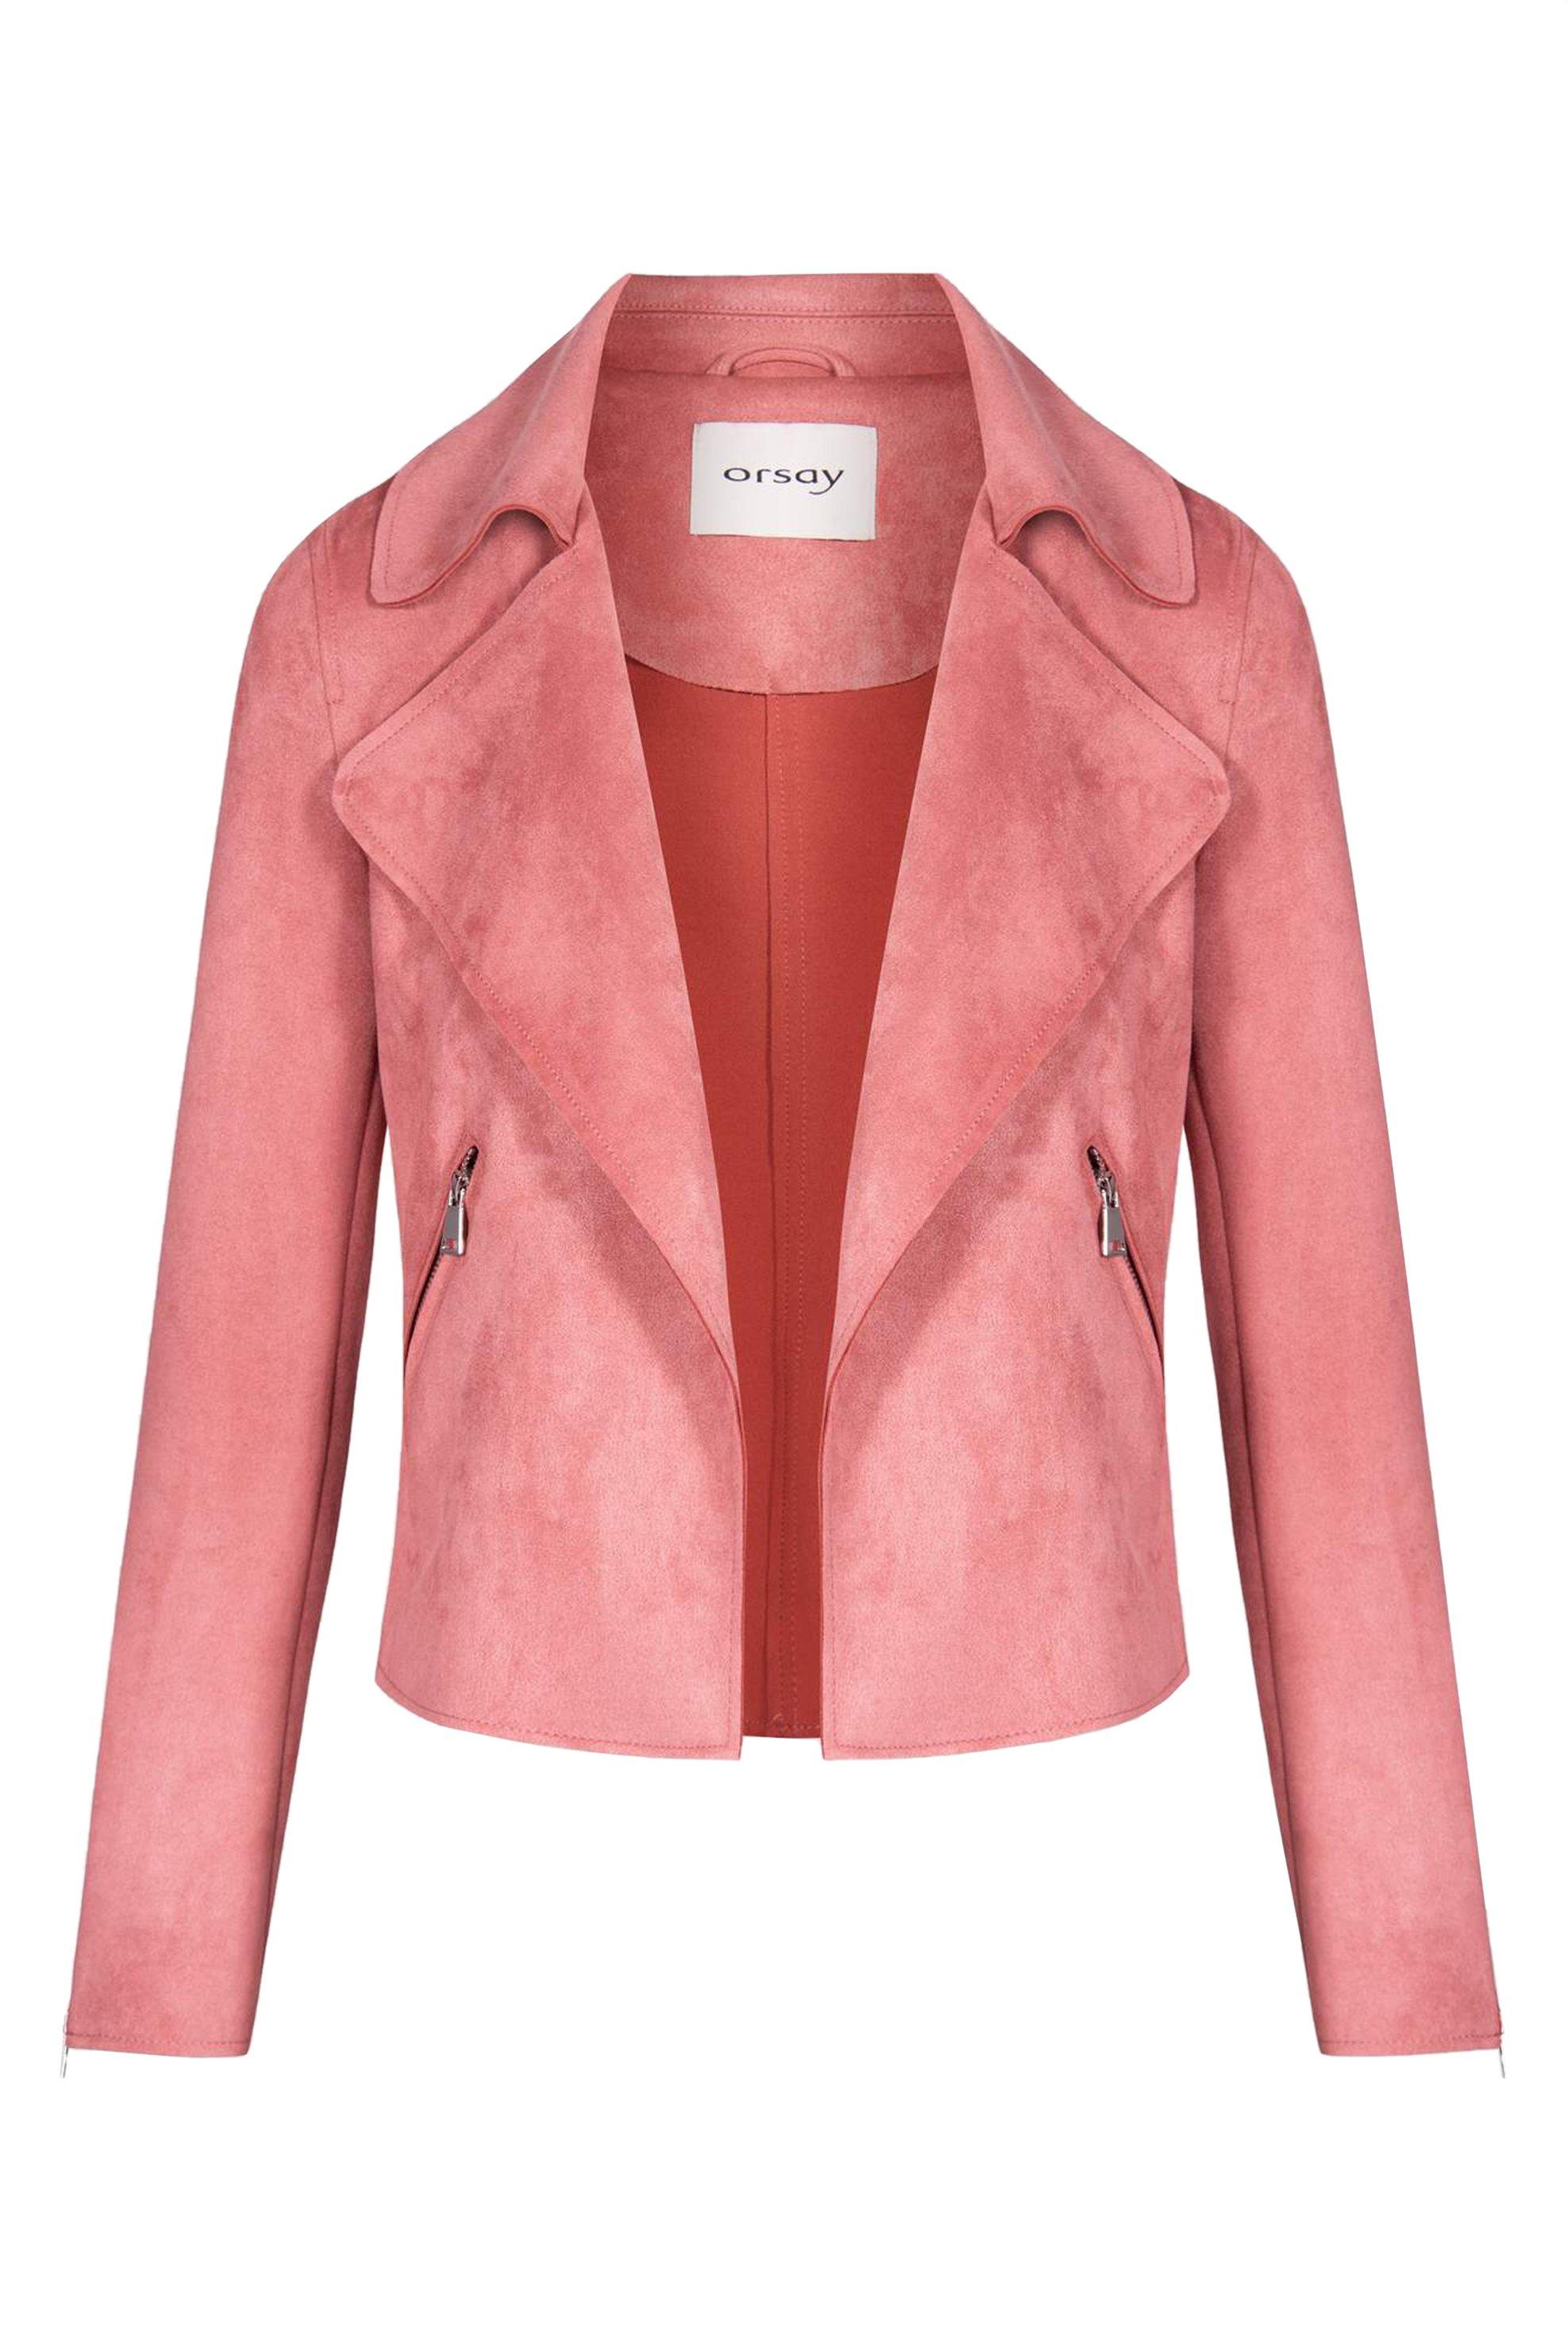 Orsay γυναικείο suede jacket με φαρδύ γιακά - 845004-344000 - Ροζ γυναικα   ρουχα   πανωφόρια   μπουφάν   σακάκια   δερμάτινα   faux δέρμα